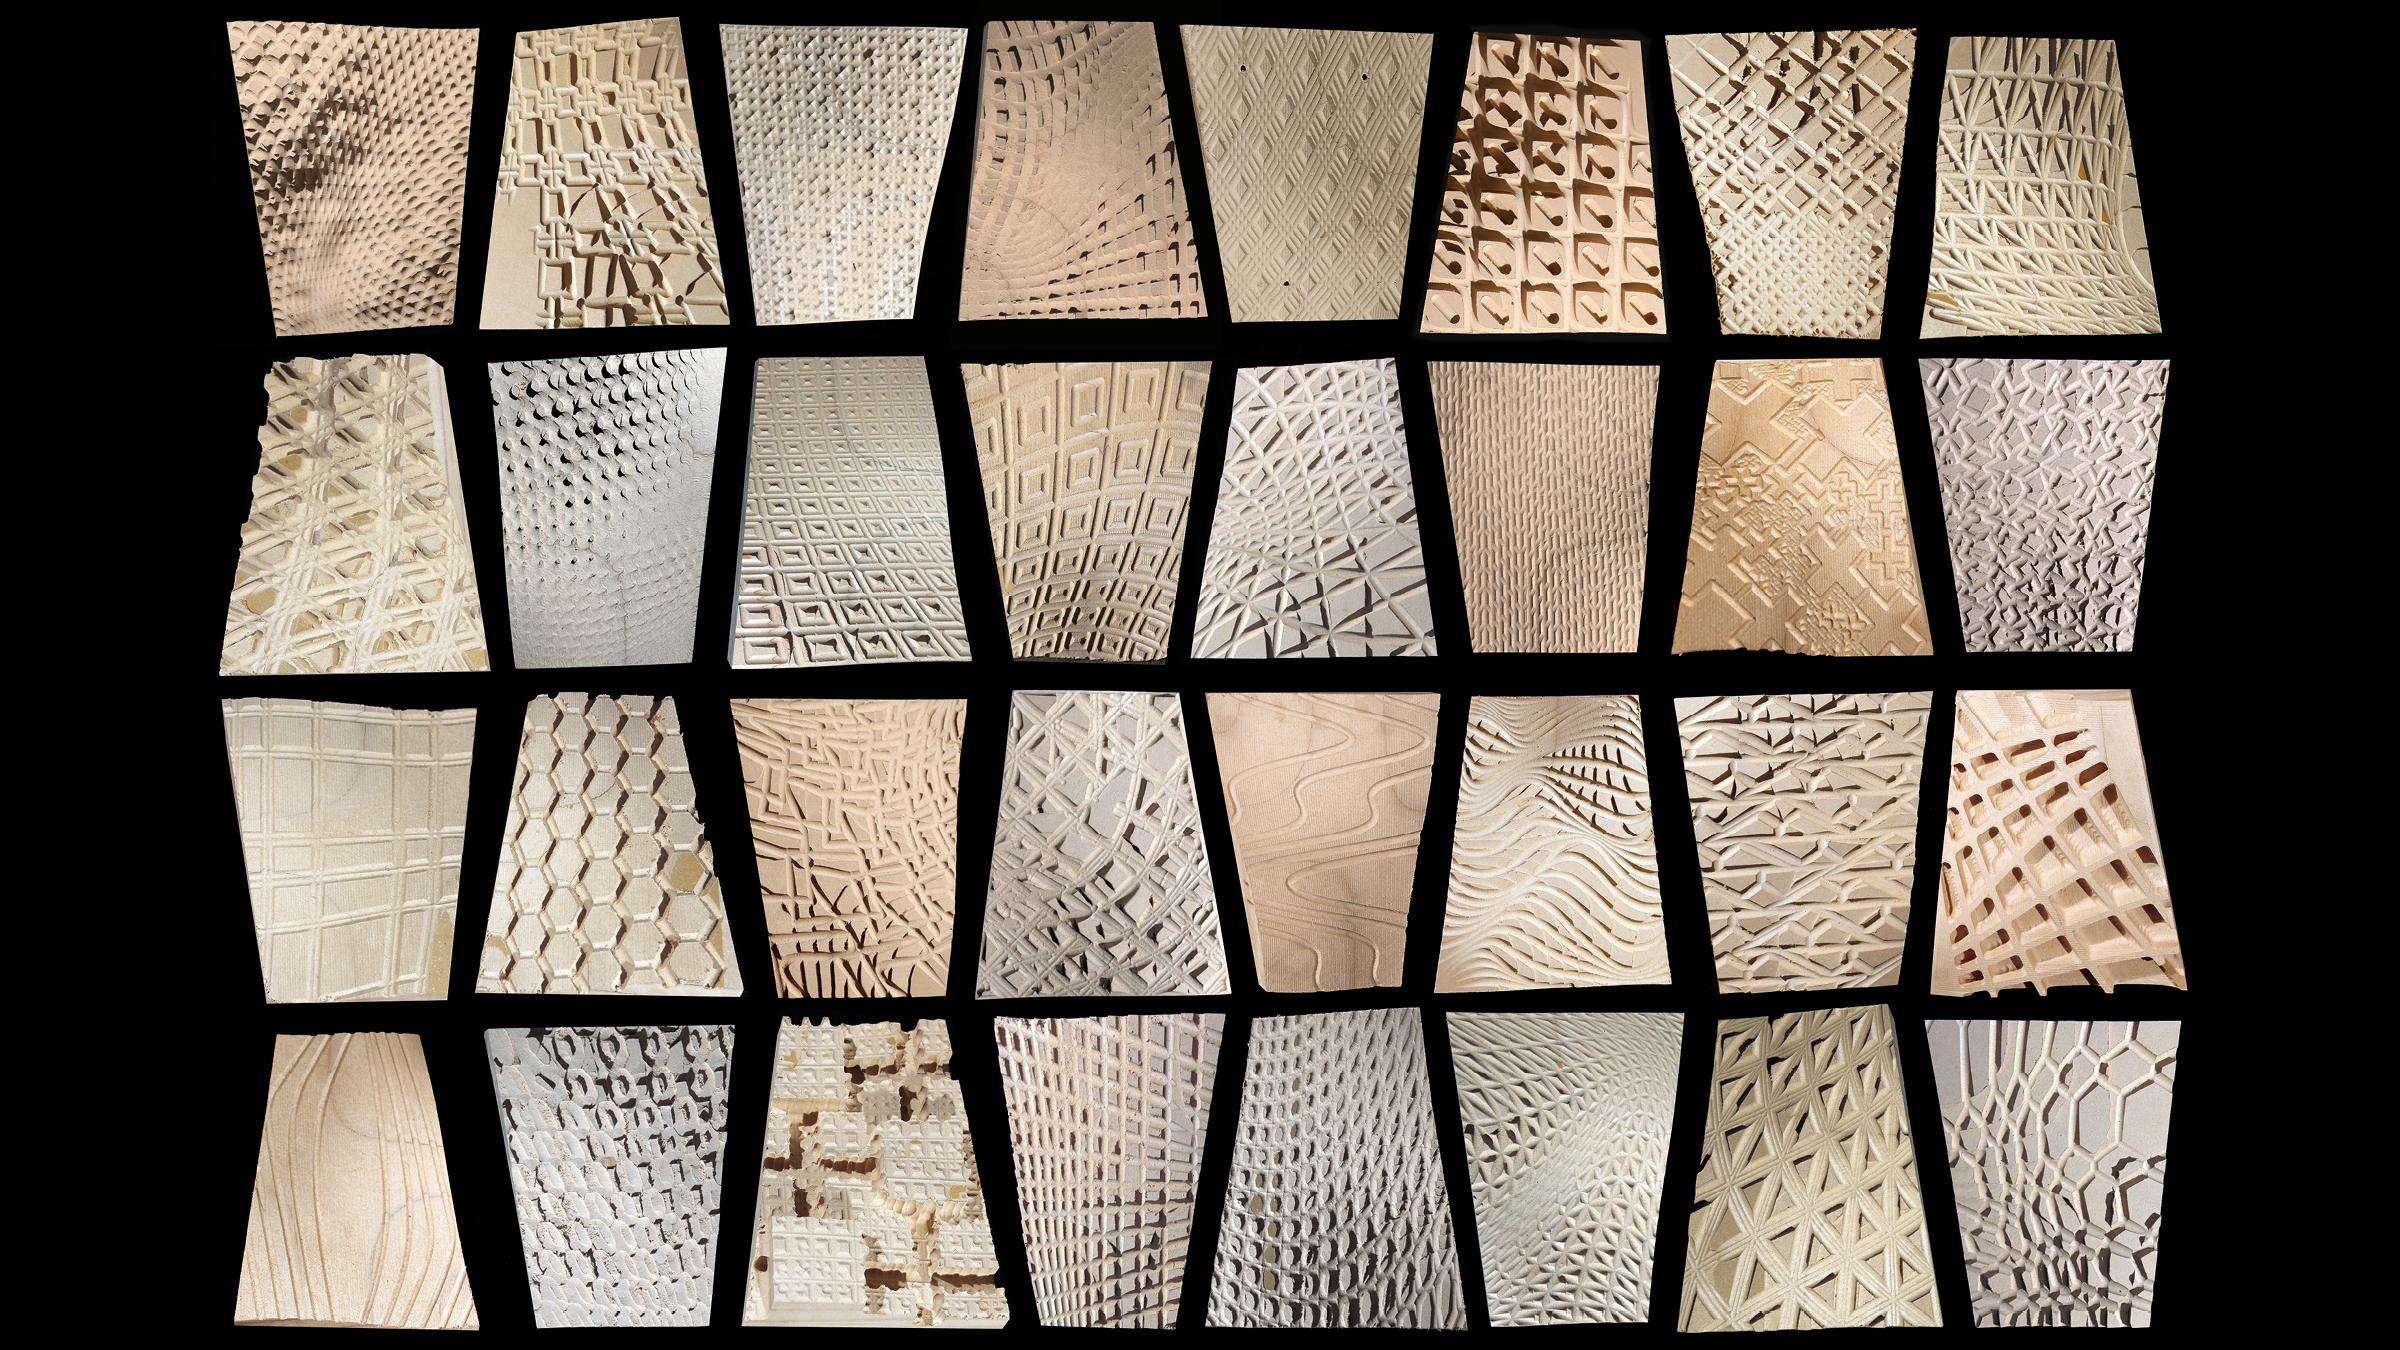 subtractive topogaphies images.jpg